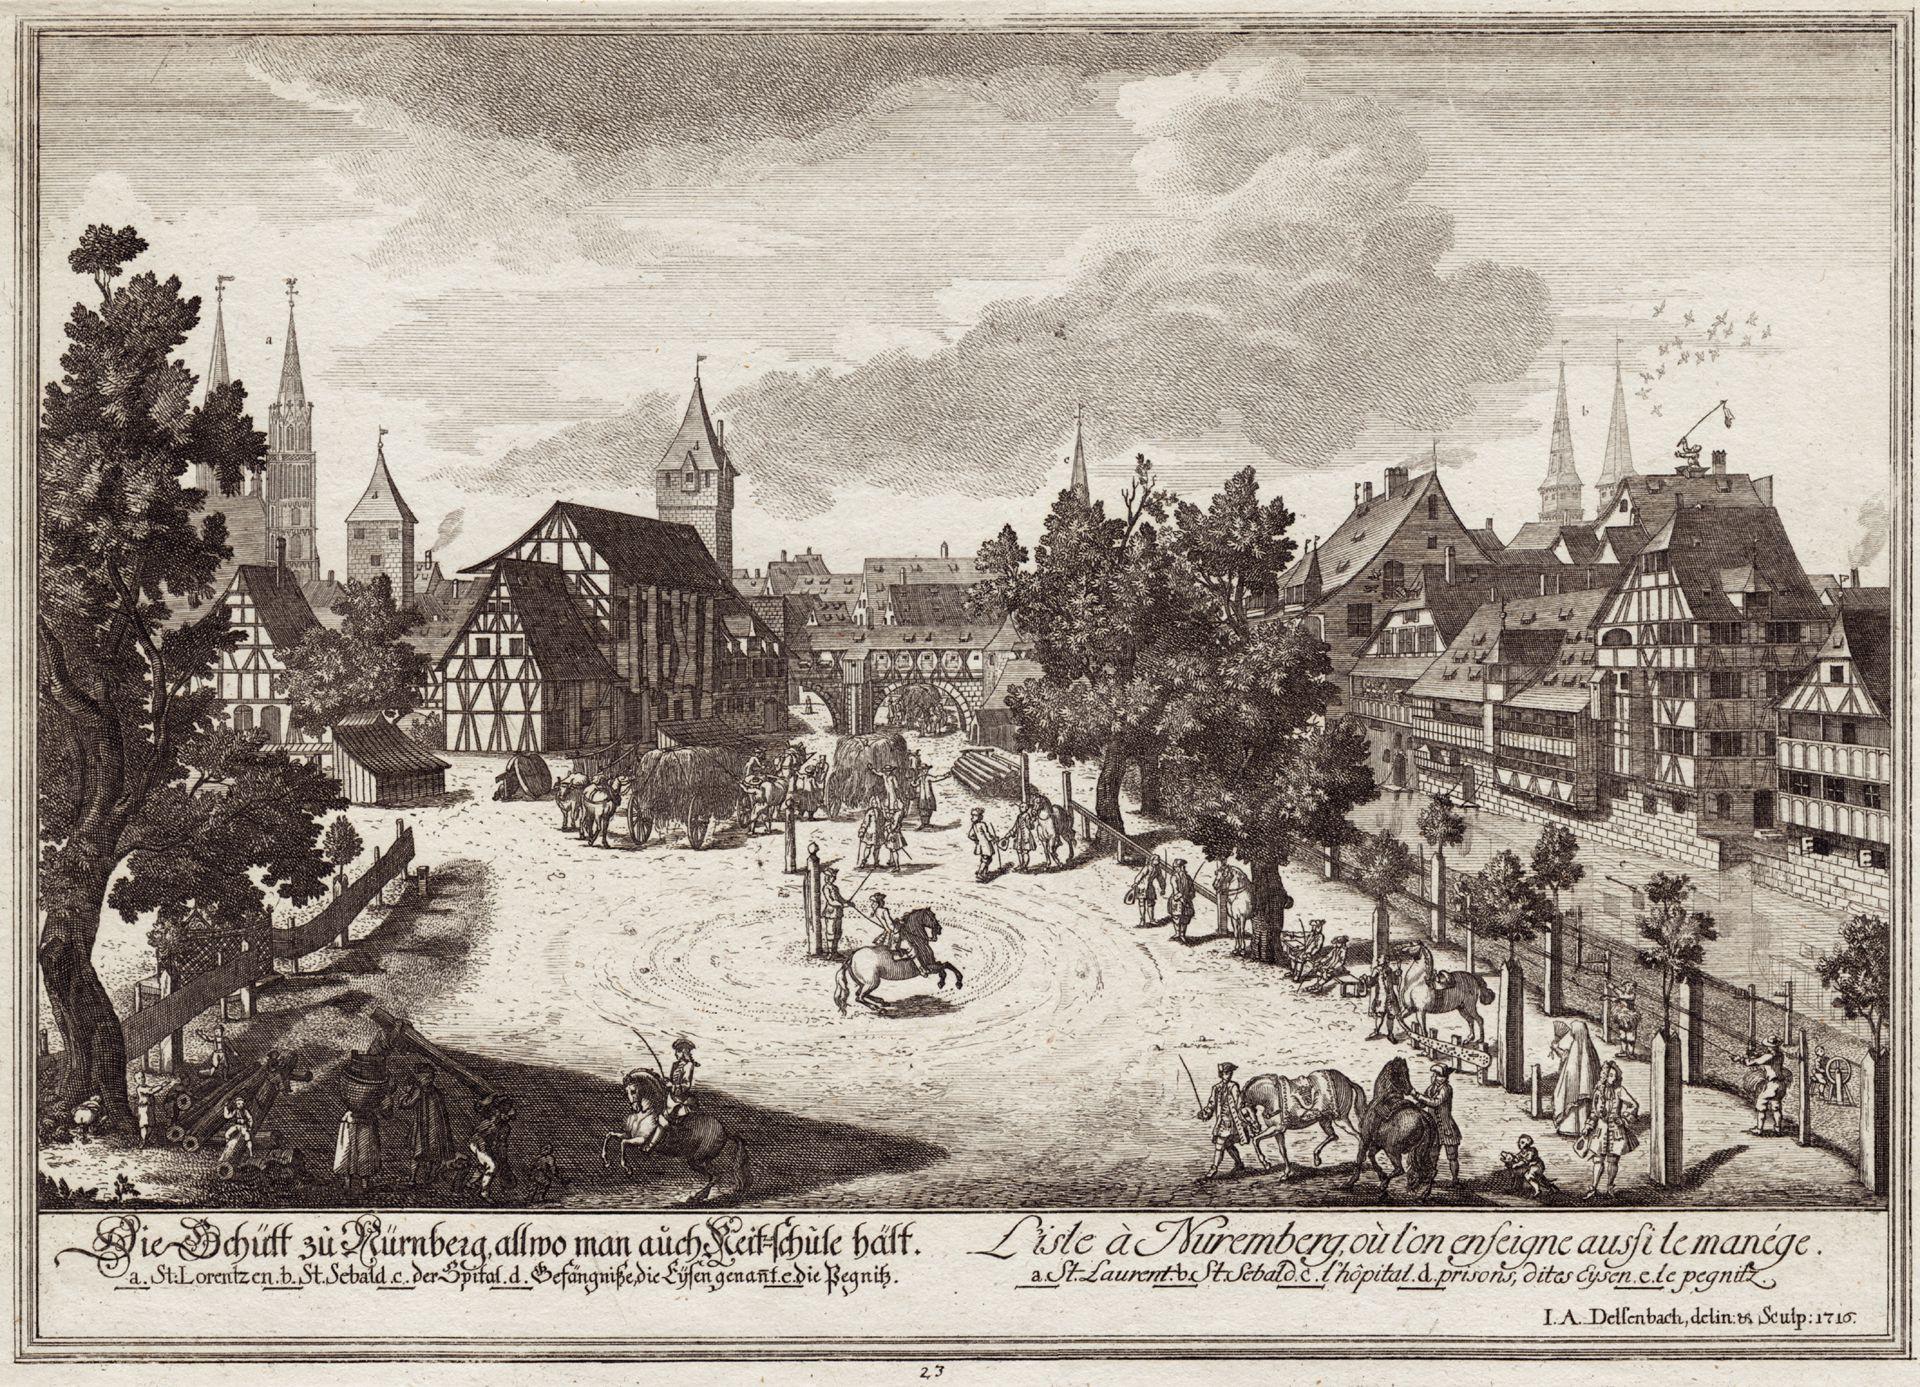 Die Schütt zu Nürnberg allwo man auch Reitschule hält Gesamtansicht